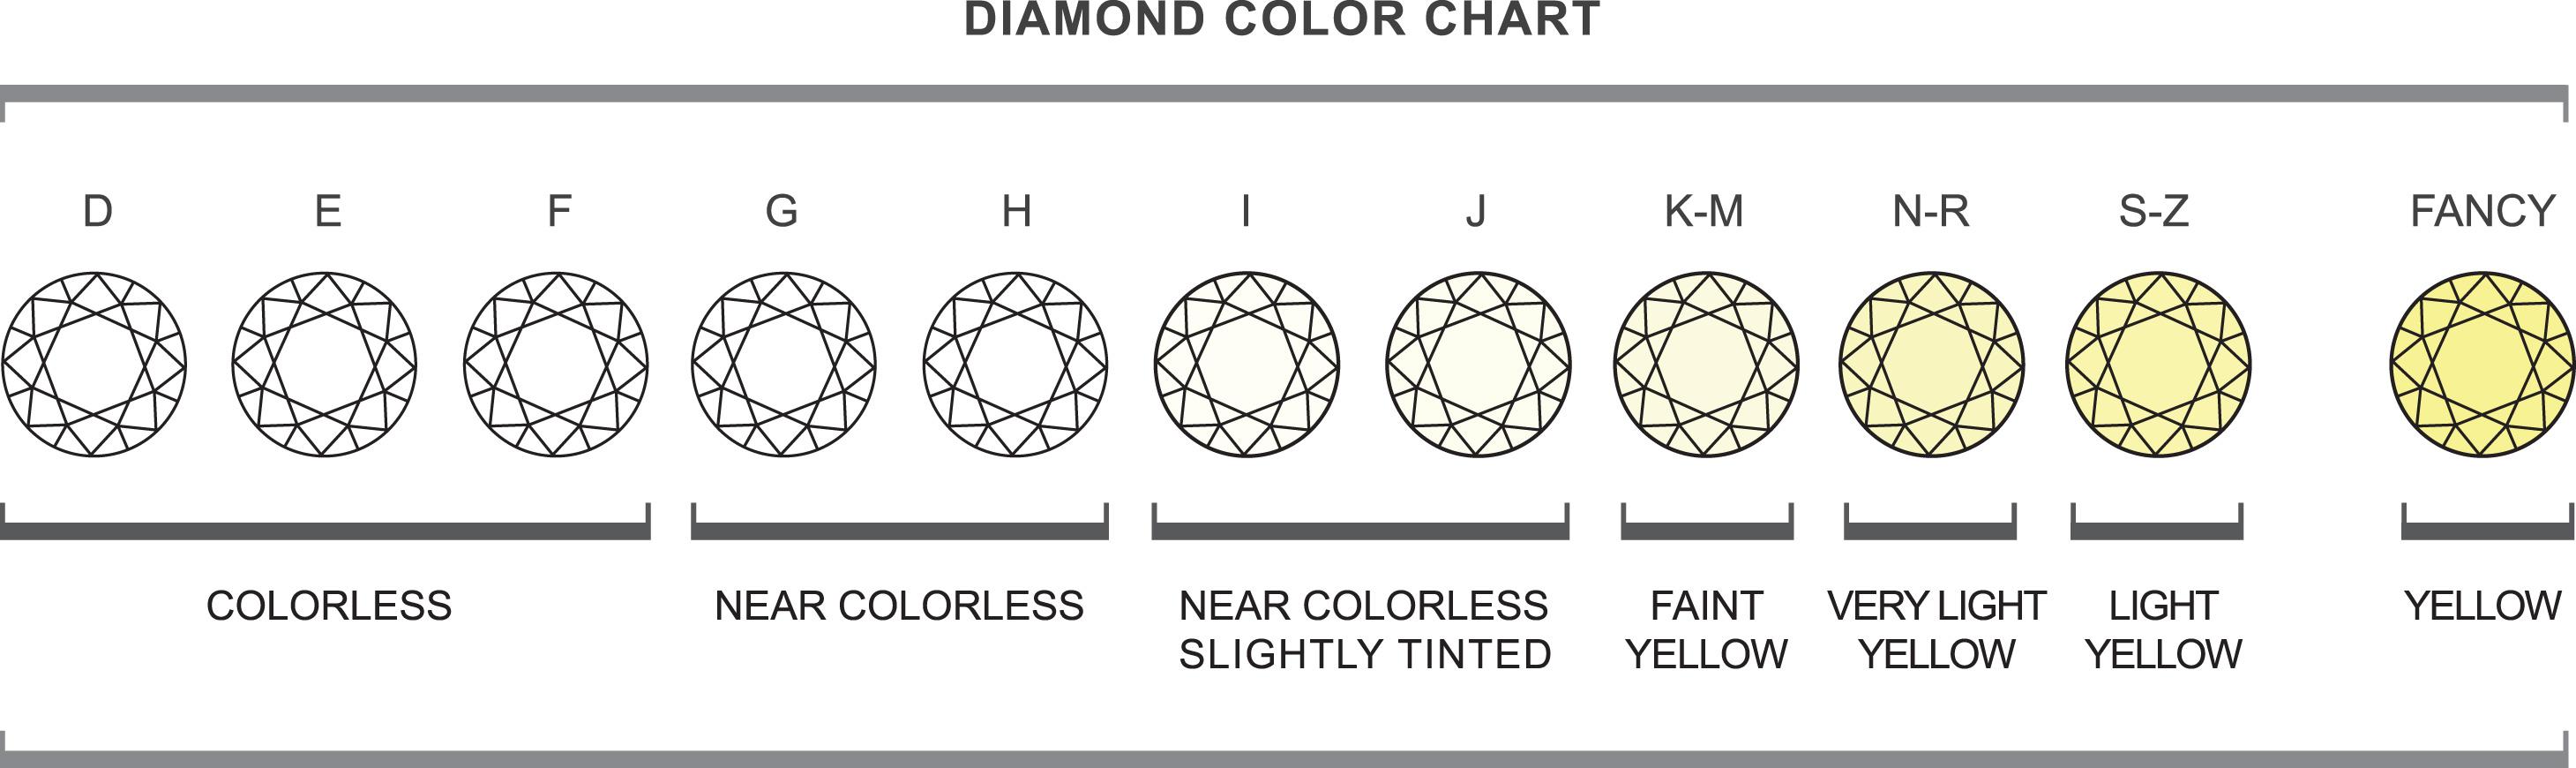 Farbtabelle für weiße Diamanten